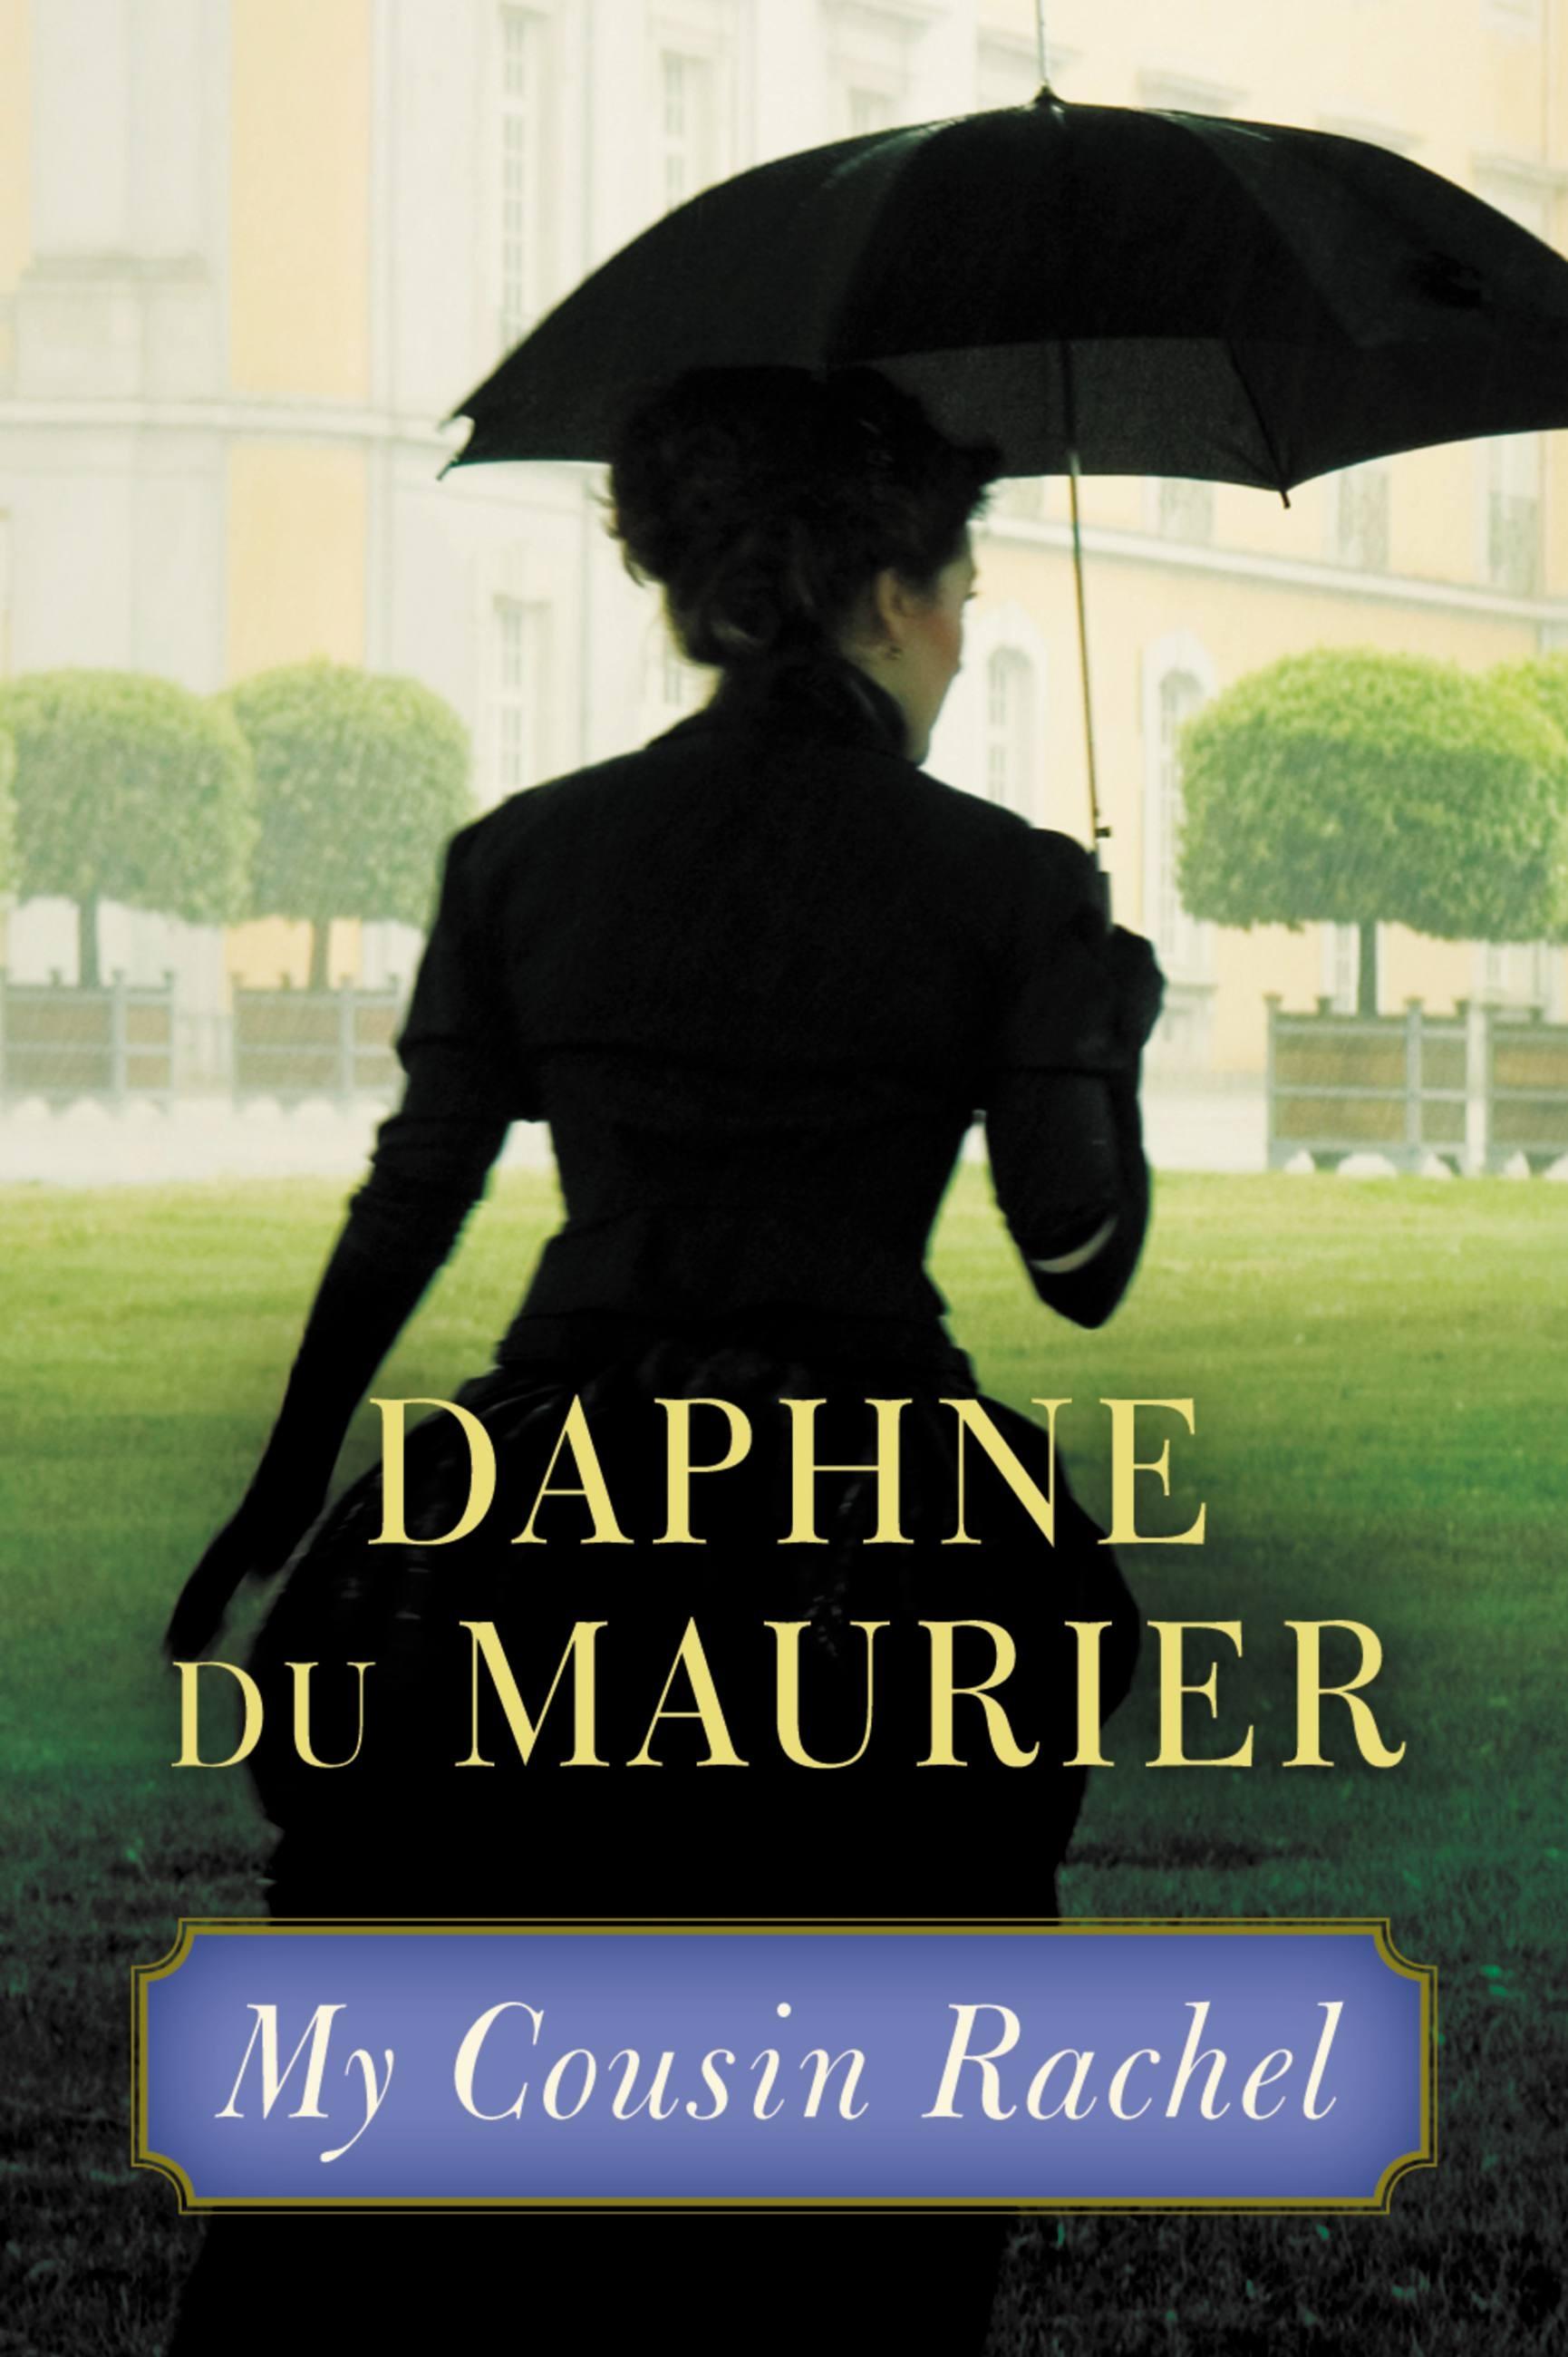 Read My Cousin Rachel By Daphne Du Maurier